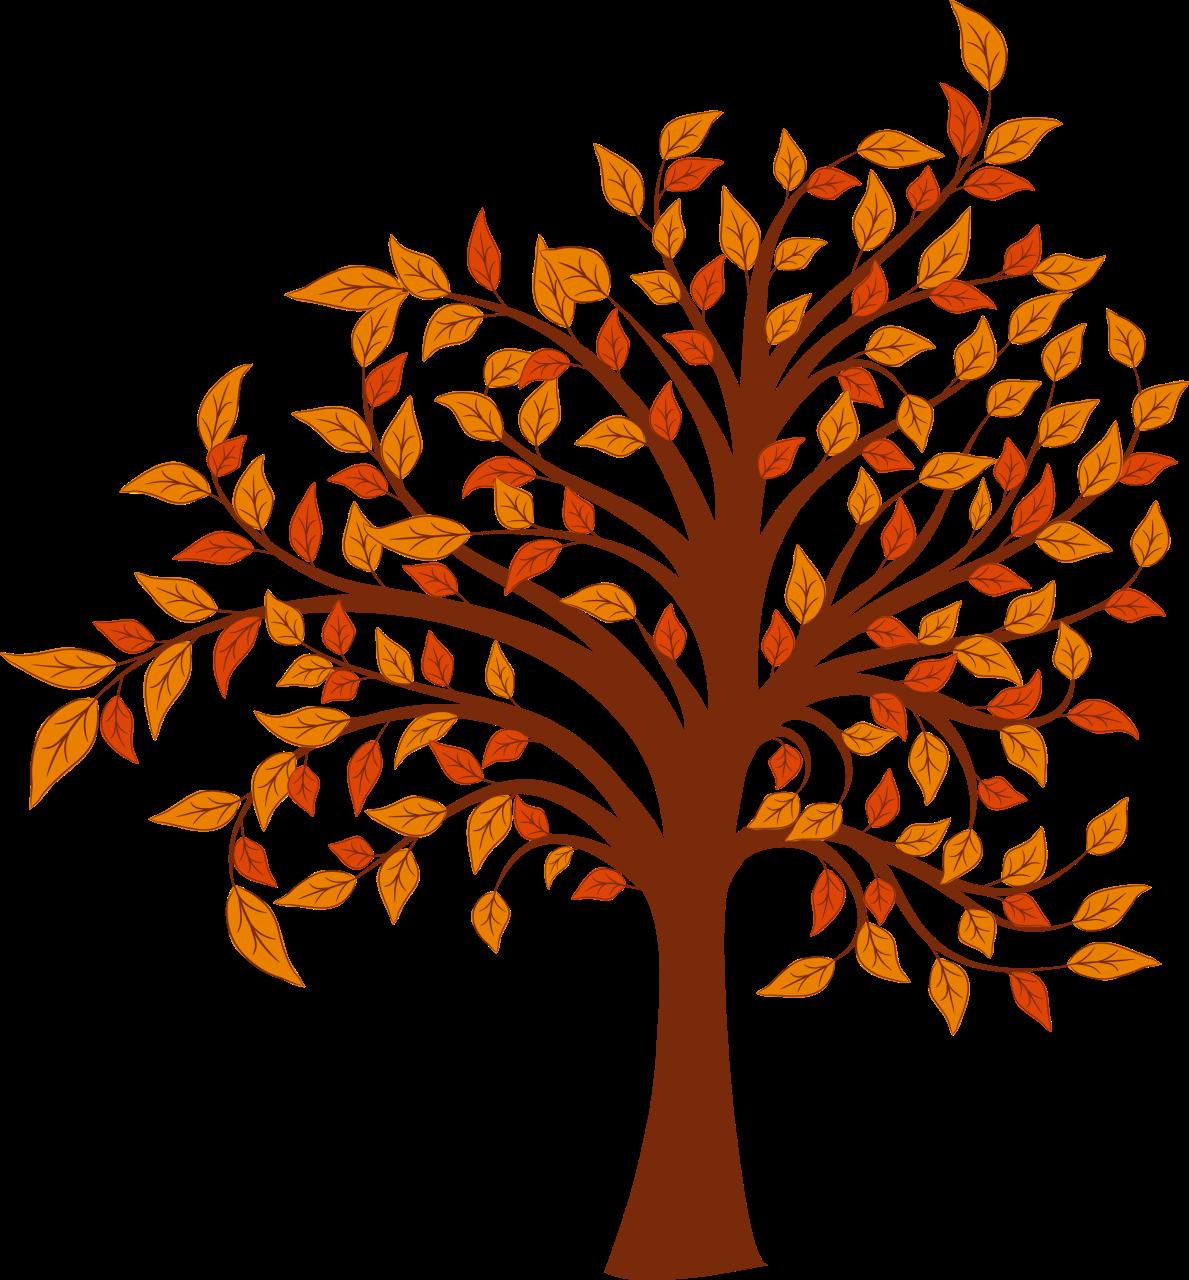 Autumn Tree Clipart - .-Autumn tree clipart - .-2